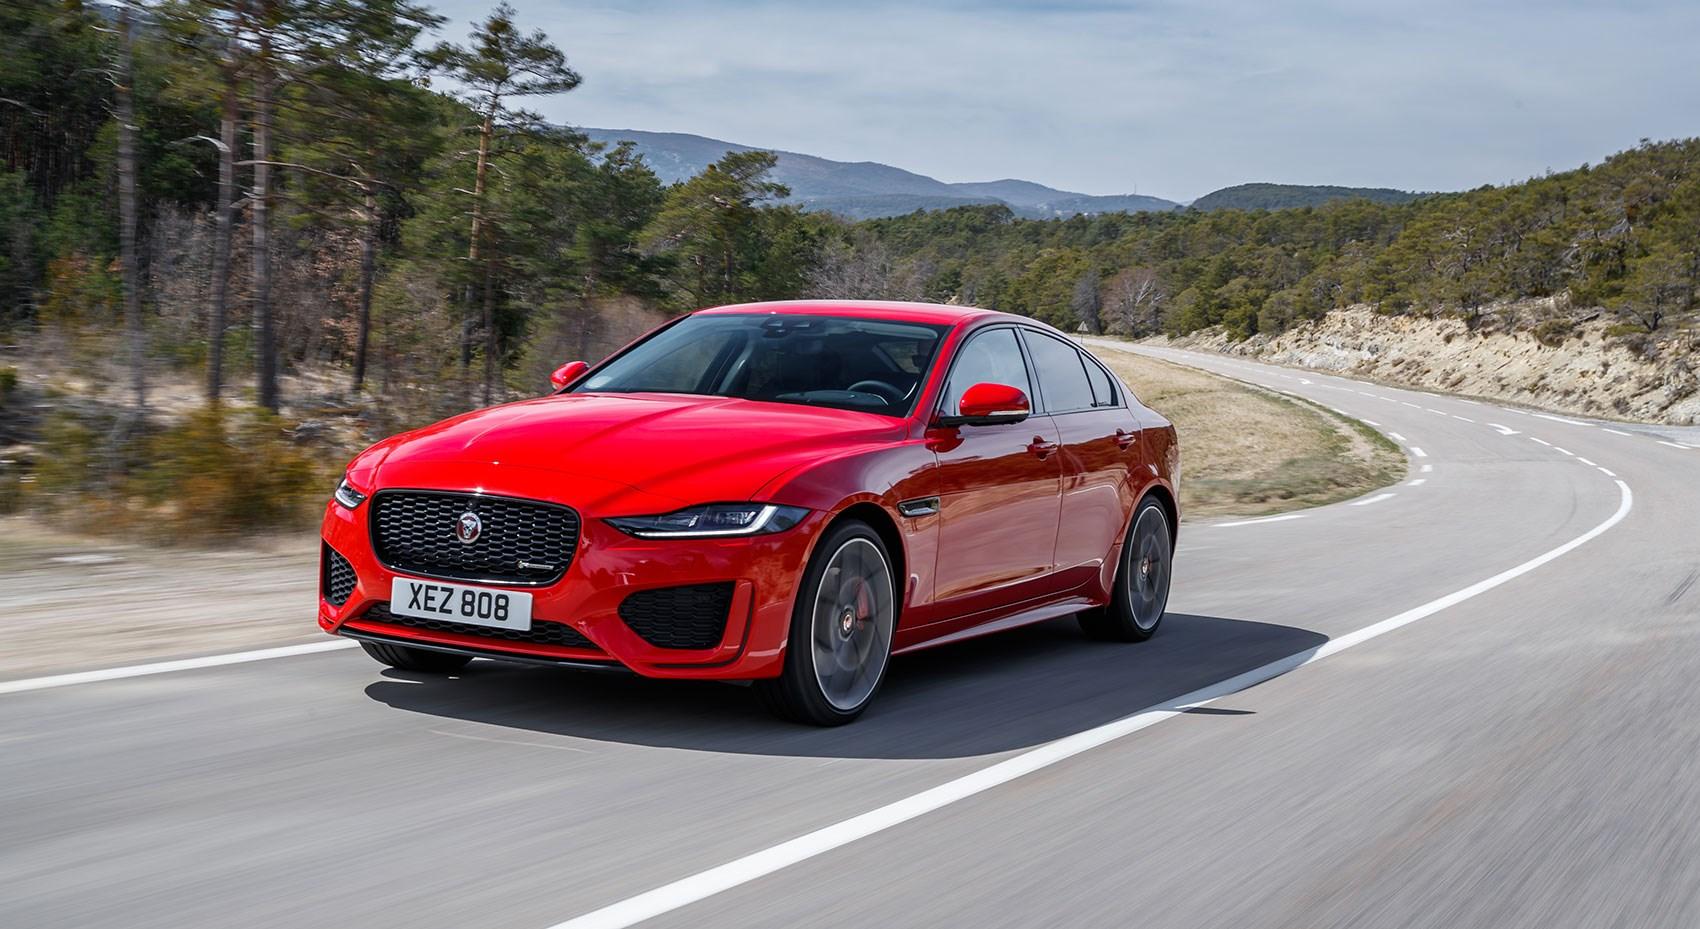 Chevrolet Lease Deals >> Jaguar XE review: 2020 model year test | CAR Magazine